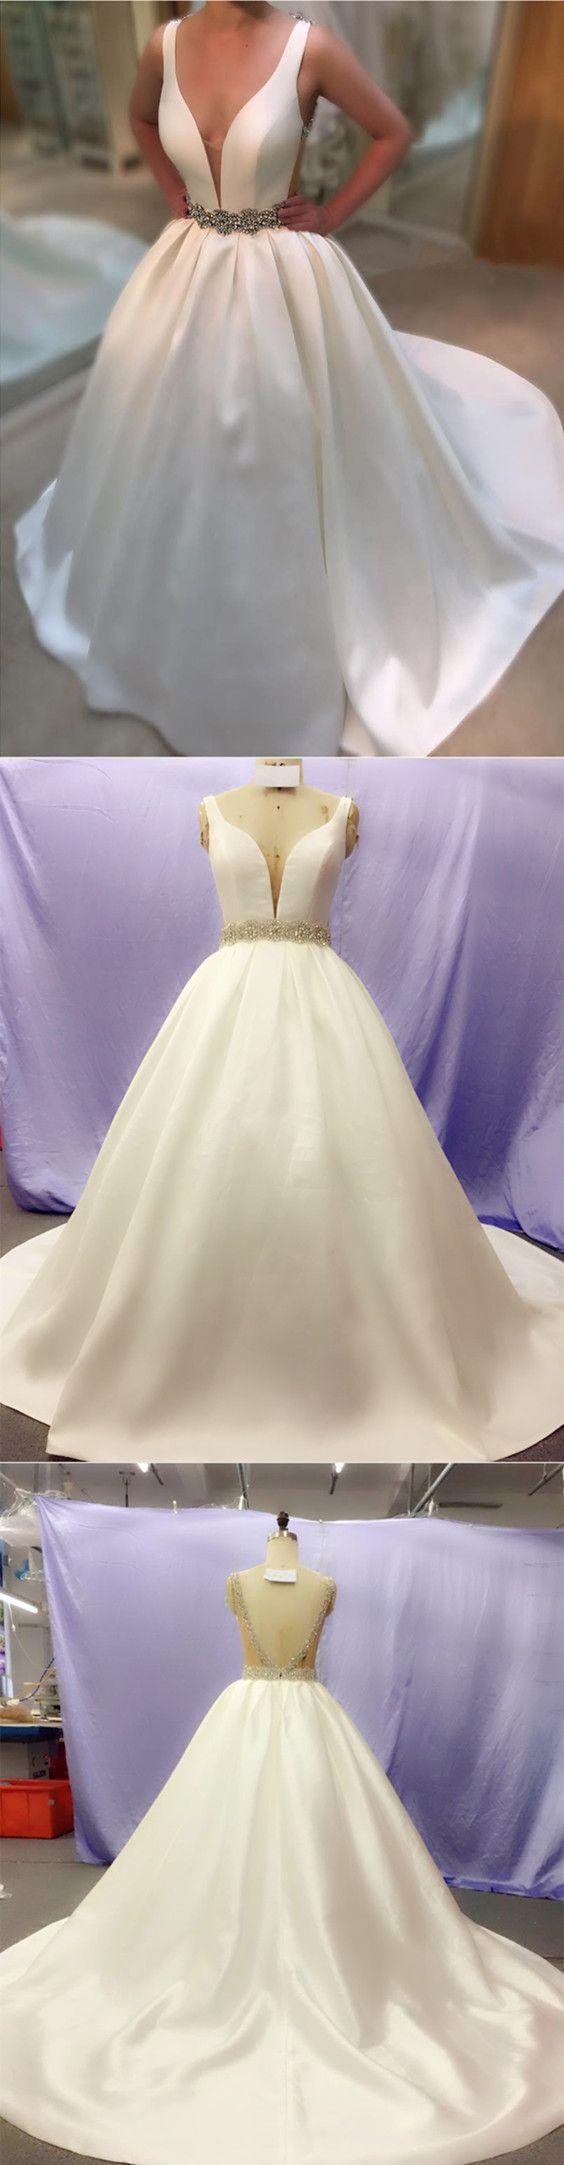 Deep V Neck White Satin Ball Gown Wedding Dresses Open